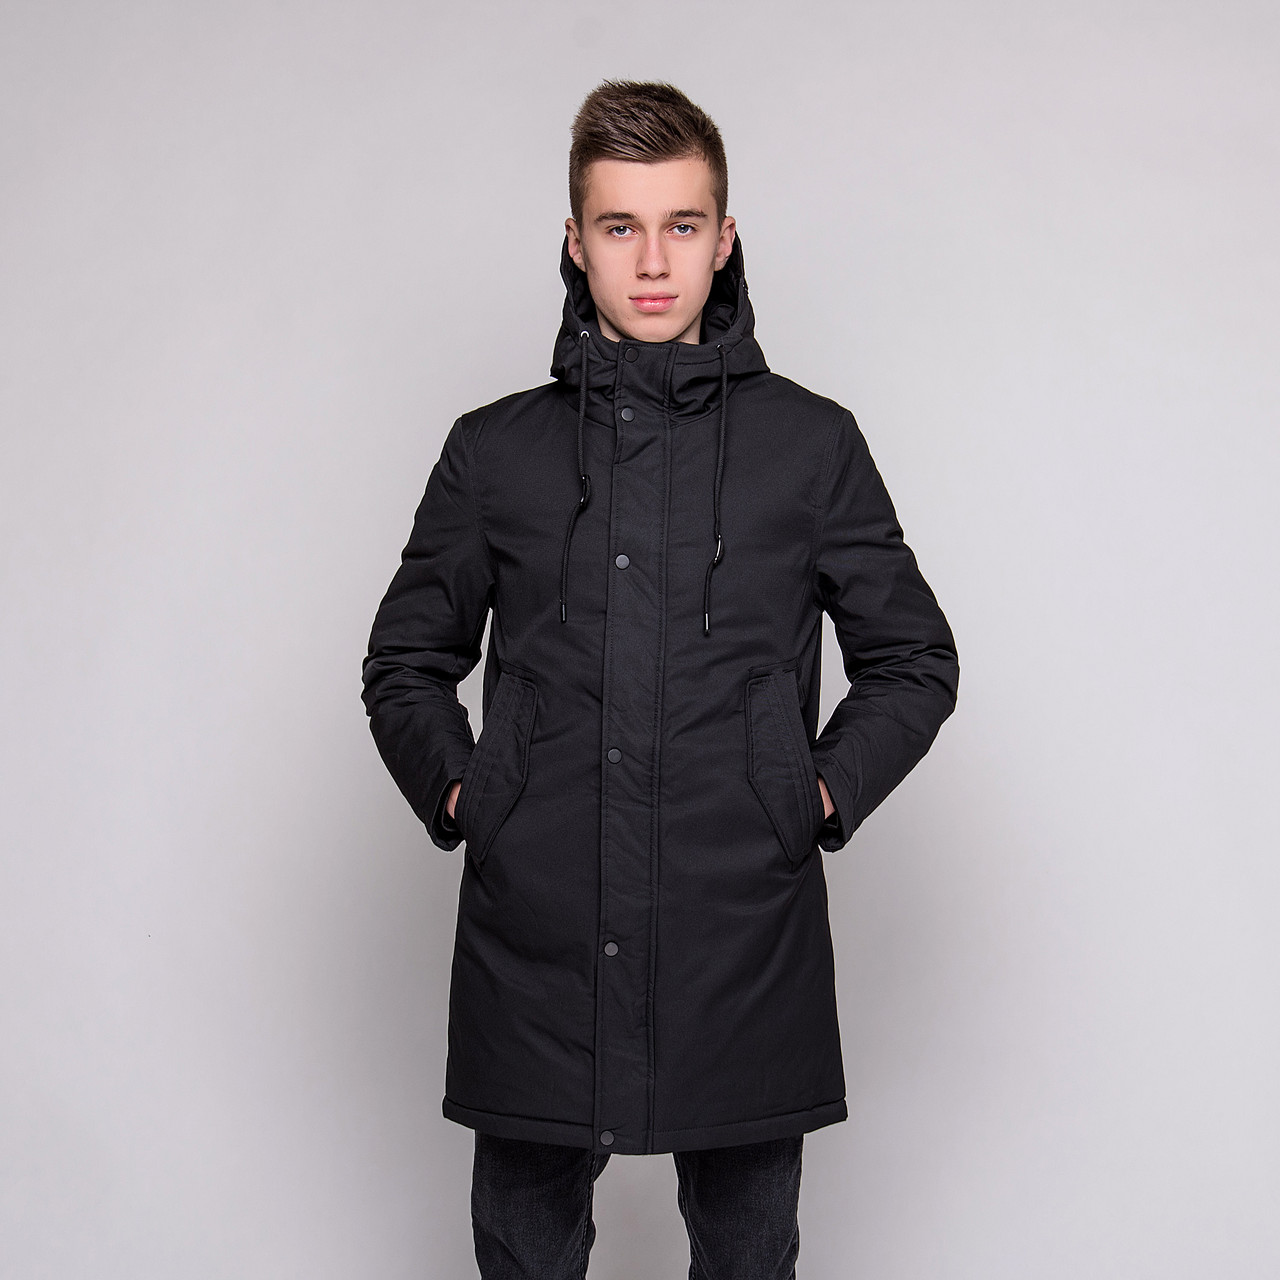 Чоловіча зимова куртка, чорного кольору.